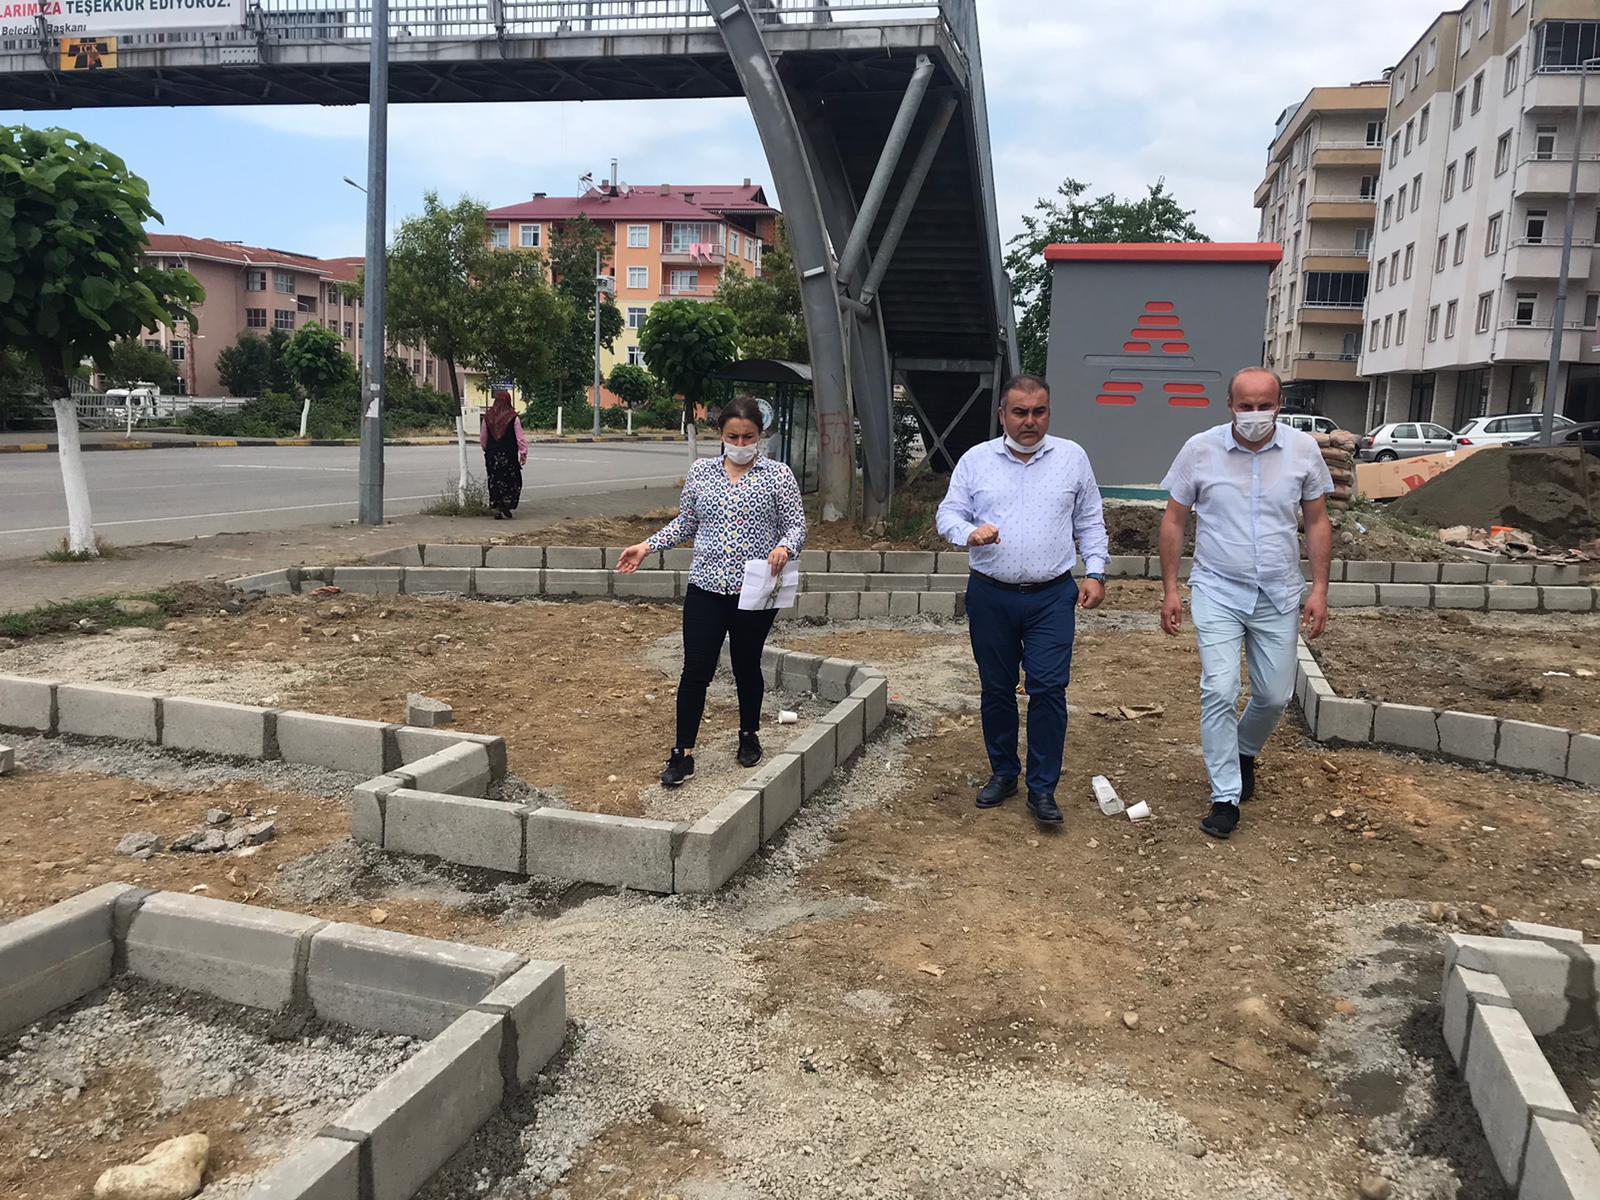 AYDINLIKEVLER MAHALLESİ 'MAHALLE PARKI VE PEYZAJ' PROJESİNE KAVUŞUYOR